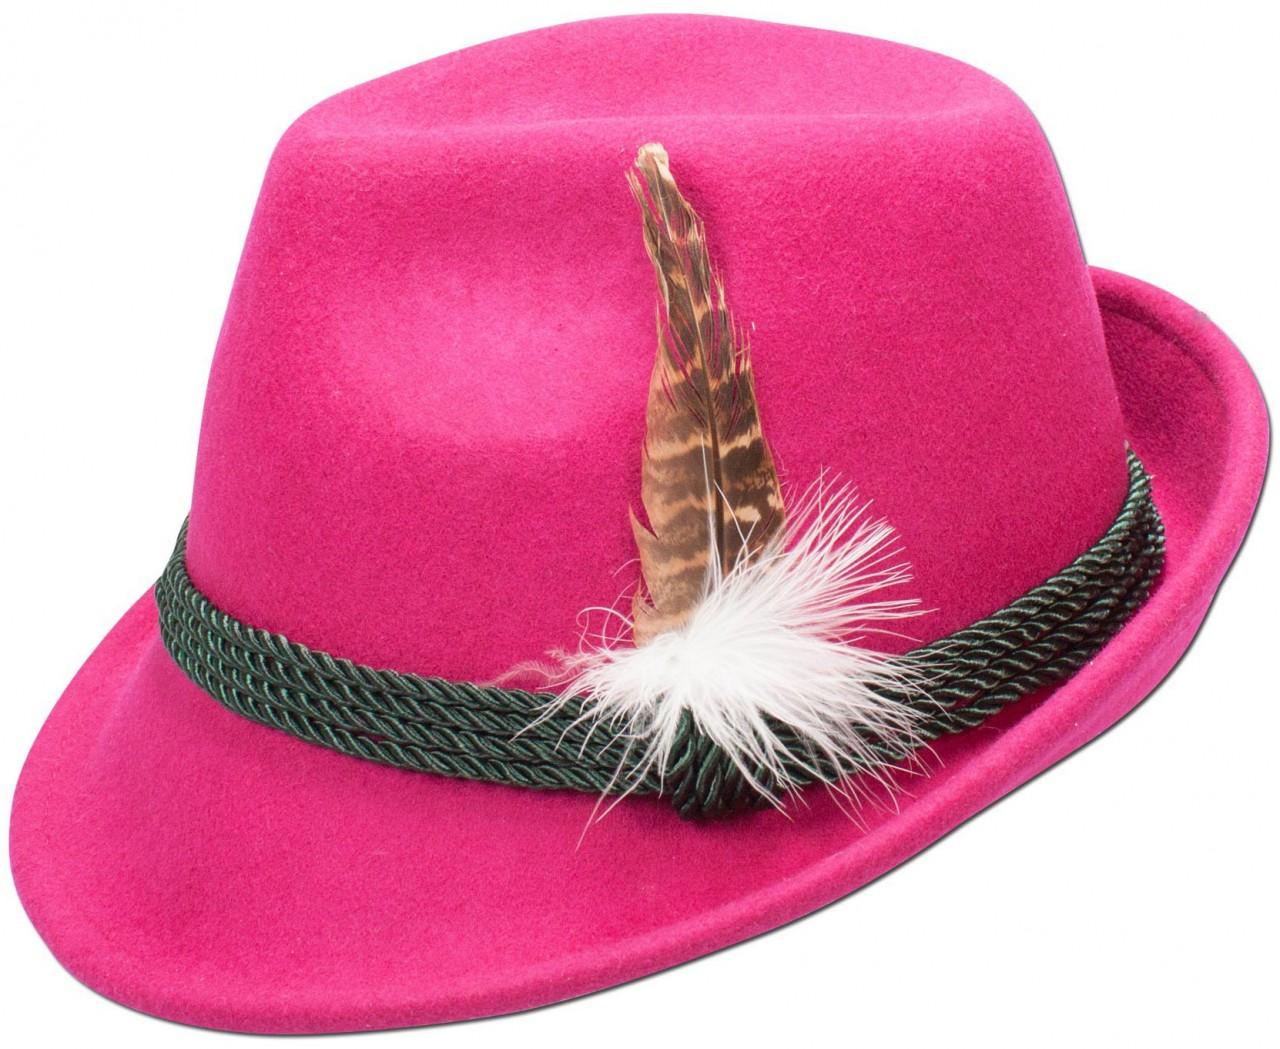 Trachten-Filzhut mit Feder pink